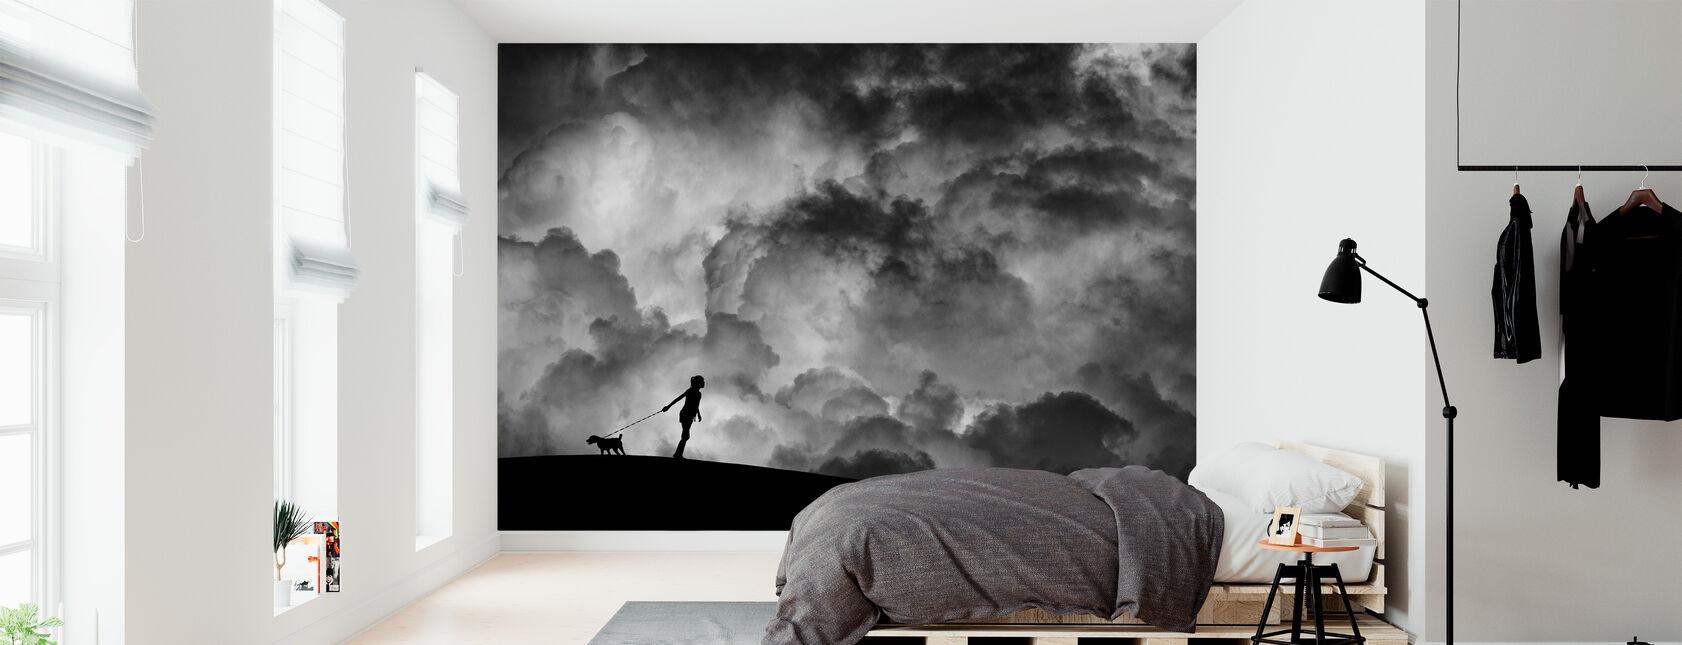 Forspil til drømmen, sort og hvid - Tapet - Soveværelse